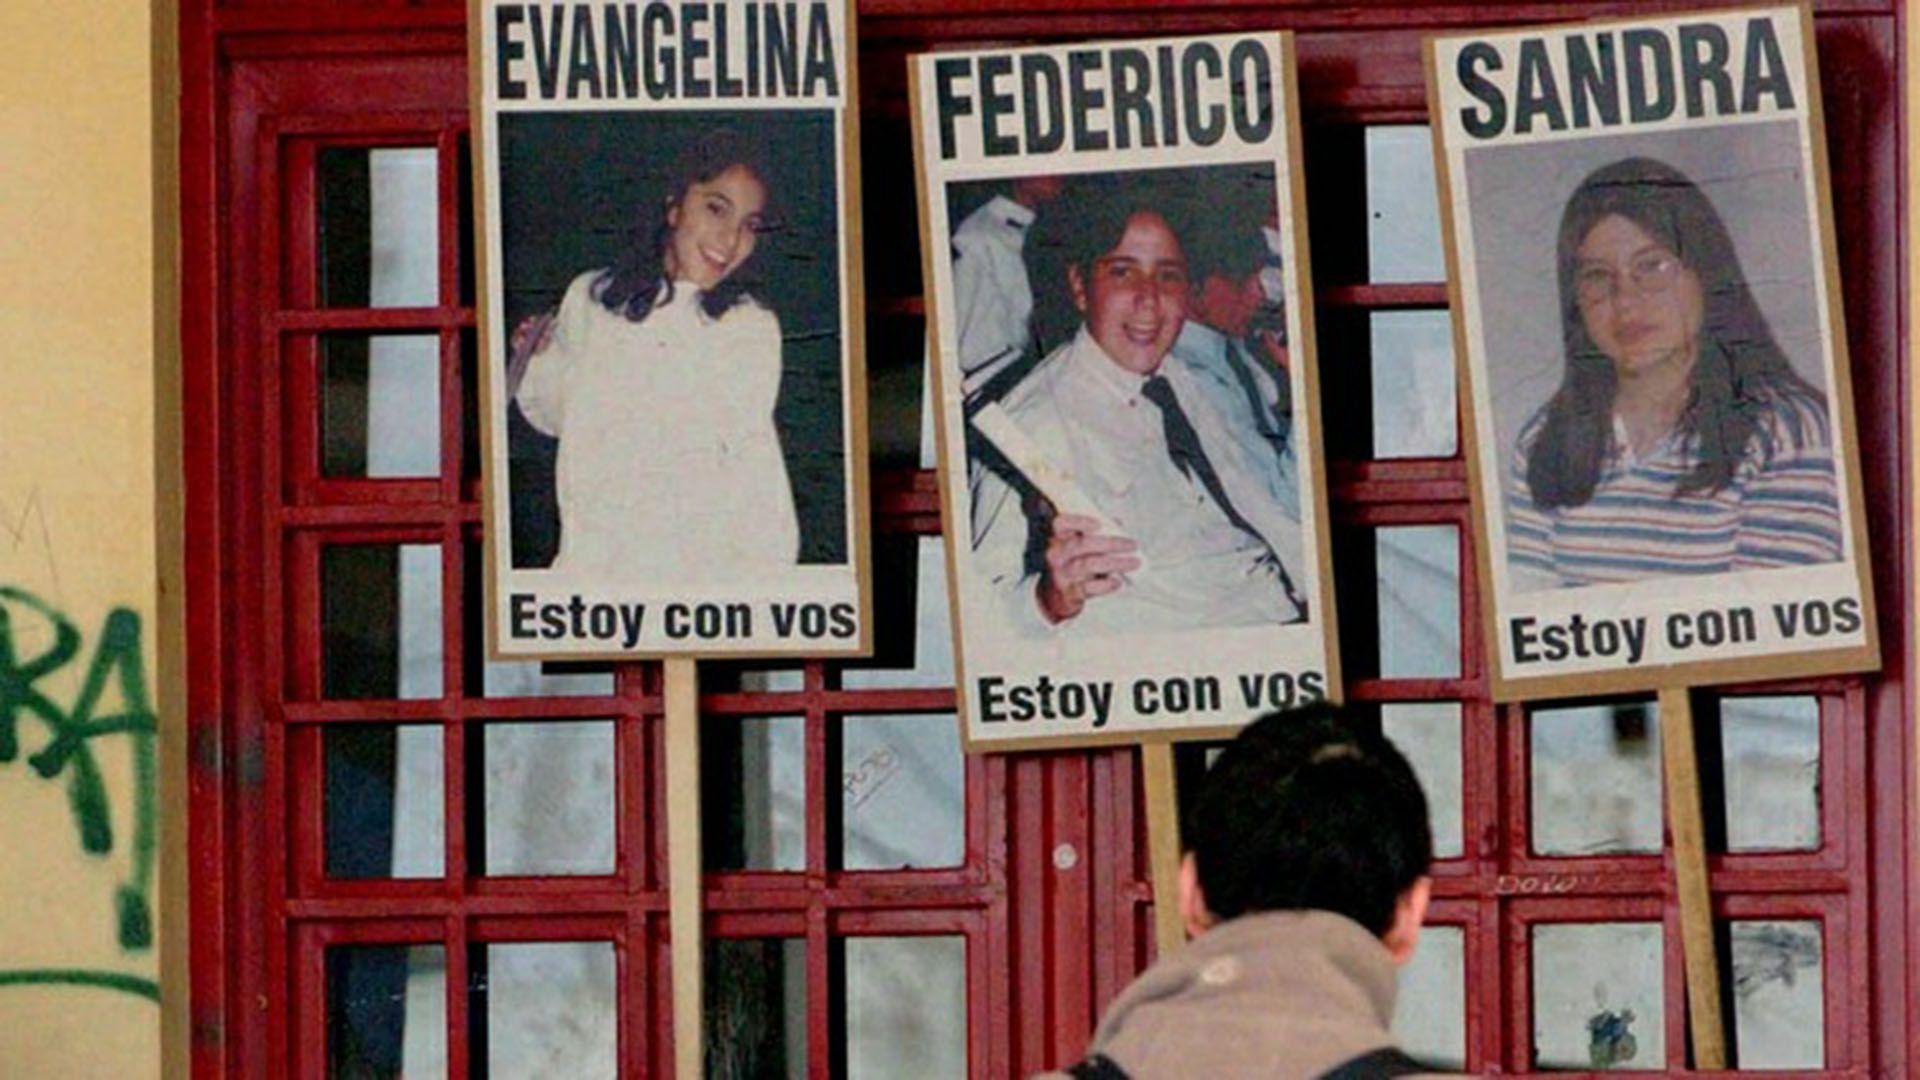 Evangelina, Federico y Sandra, las tres víctimas (Telam)